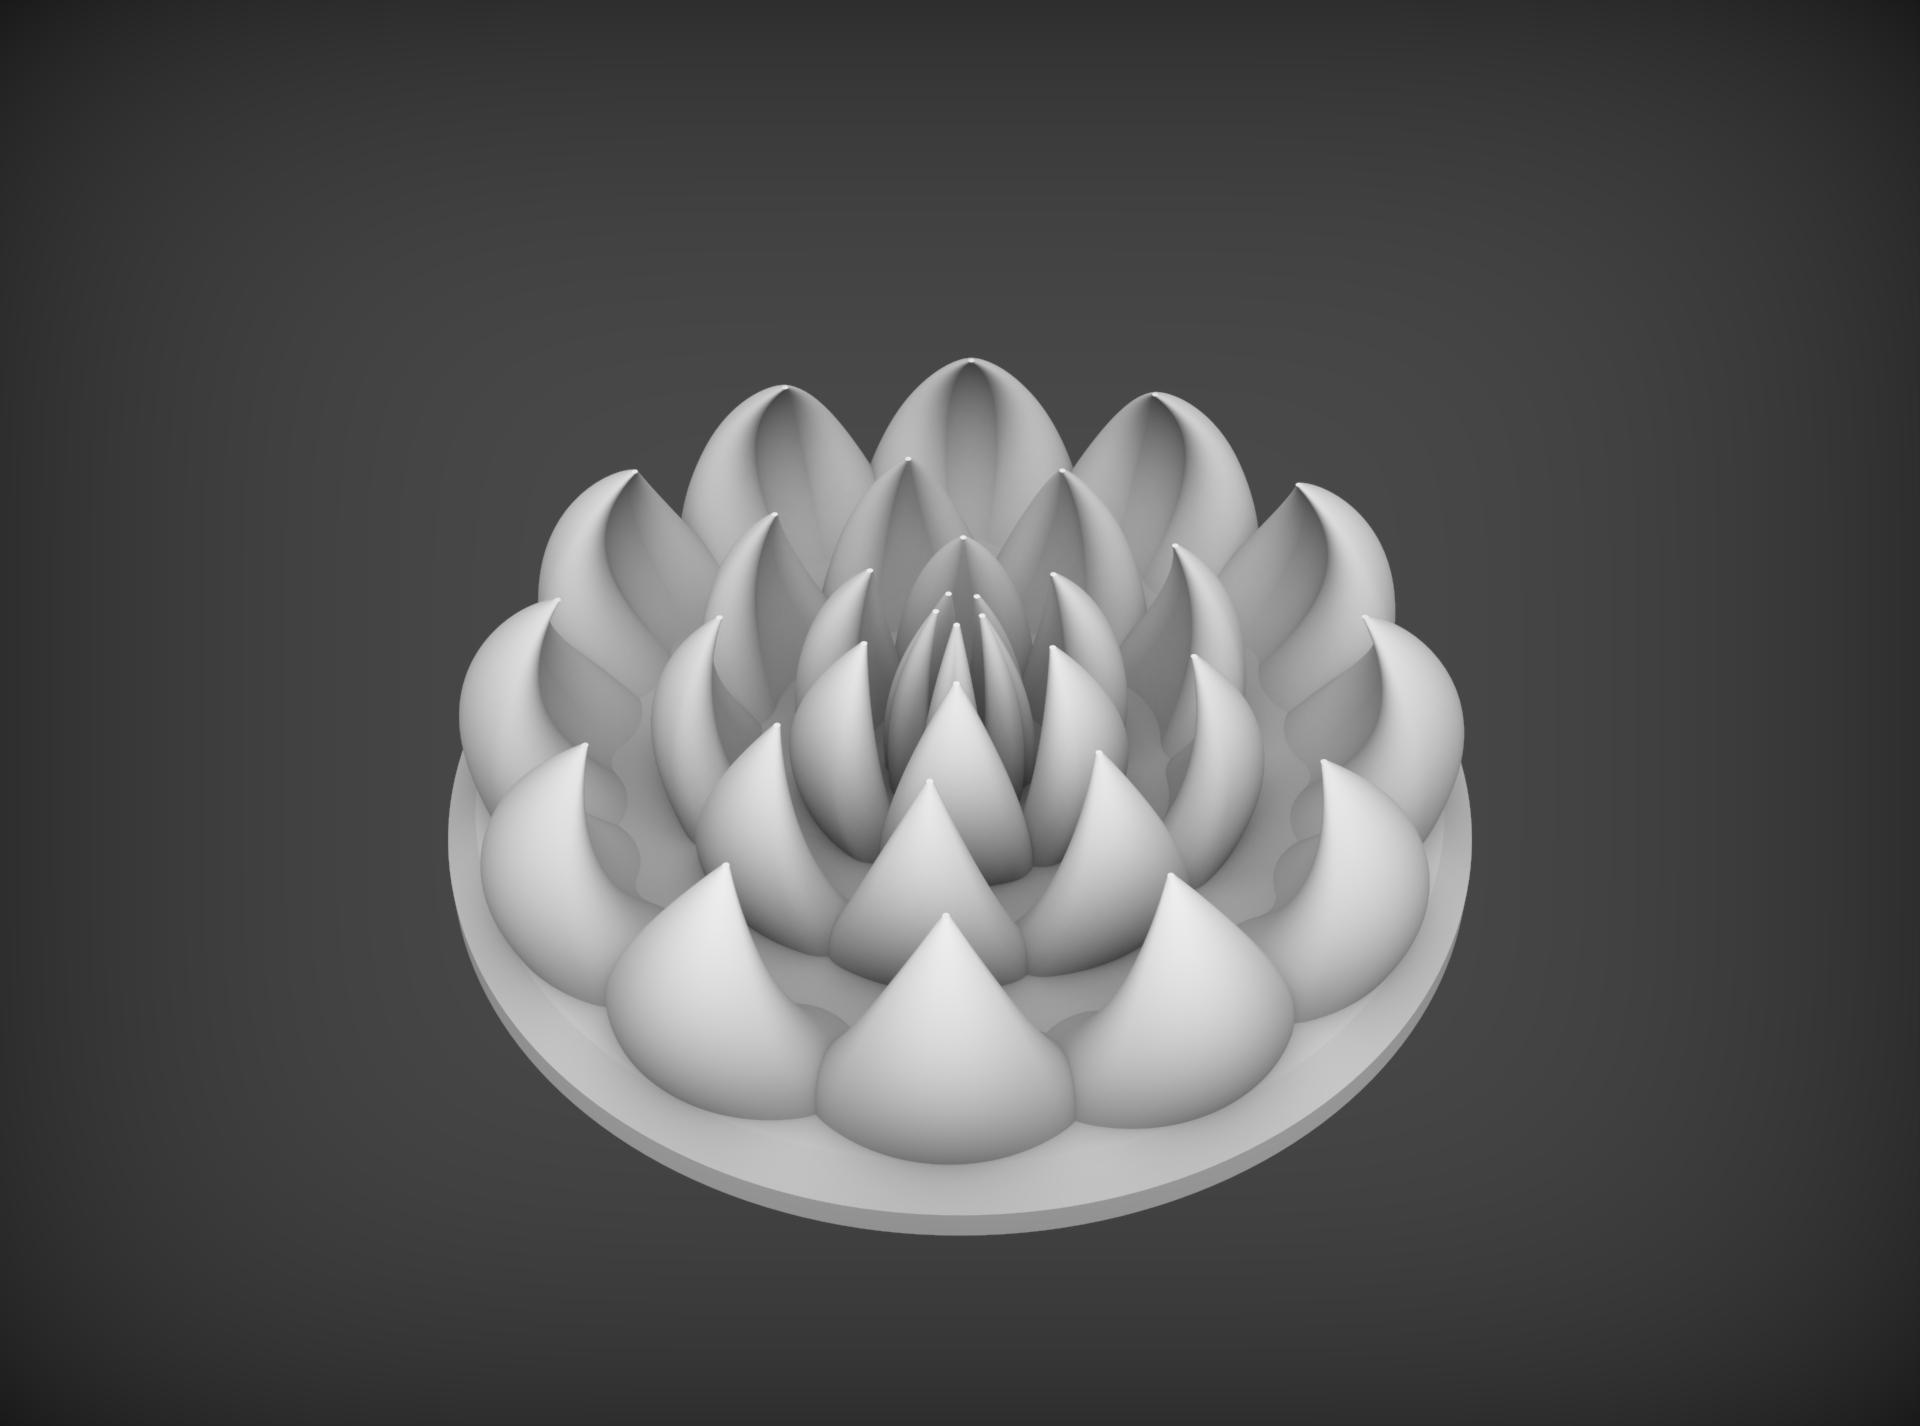 Сделать 3D модель массажного элемента формат STP/UG фото f_1425d2d9e5fcd282.jpg